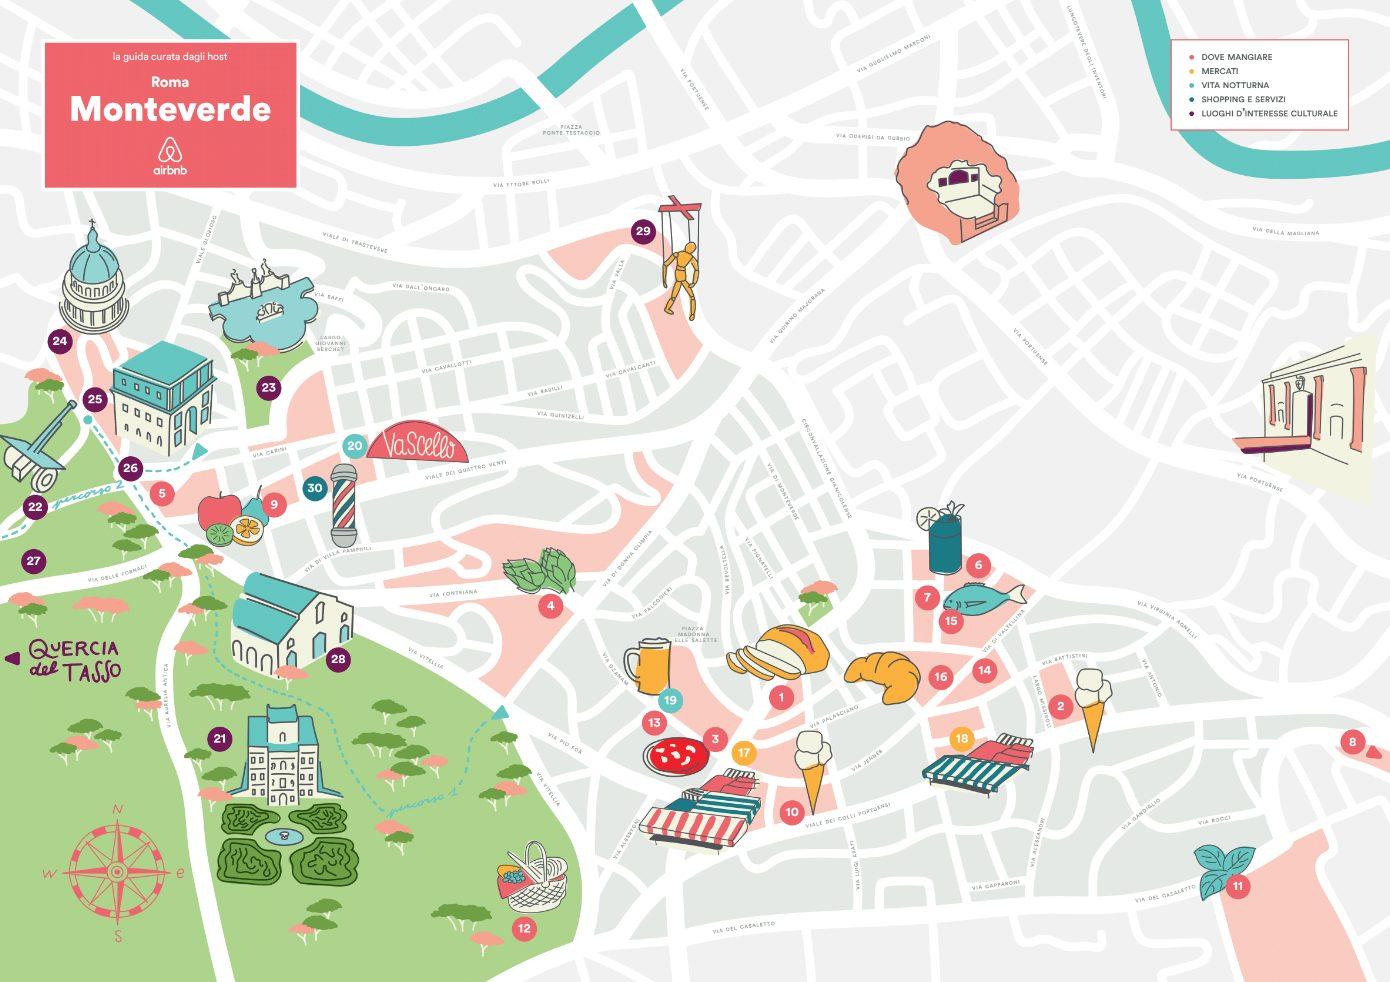 Cartina Roma Turistica.Ecco Le Mappe Turistiche Dei Quartieri Di Roma Curate Dagli Host Di Airbnb